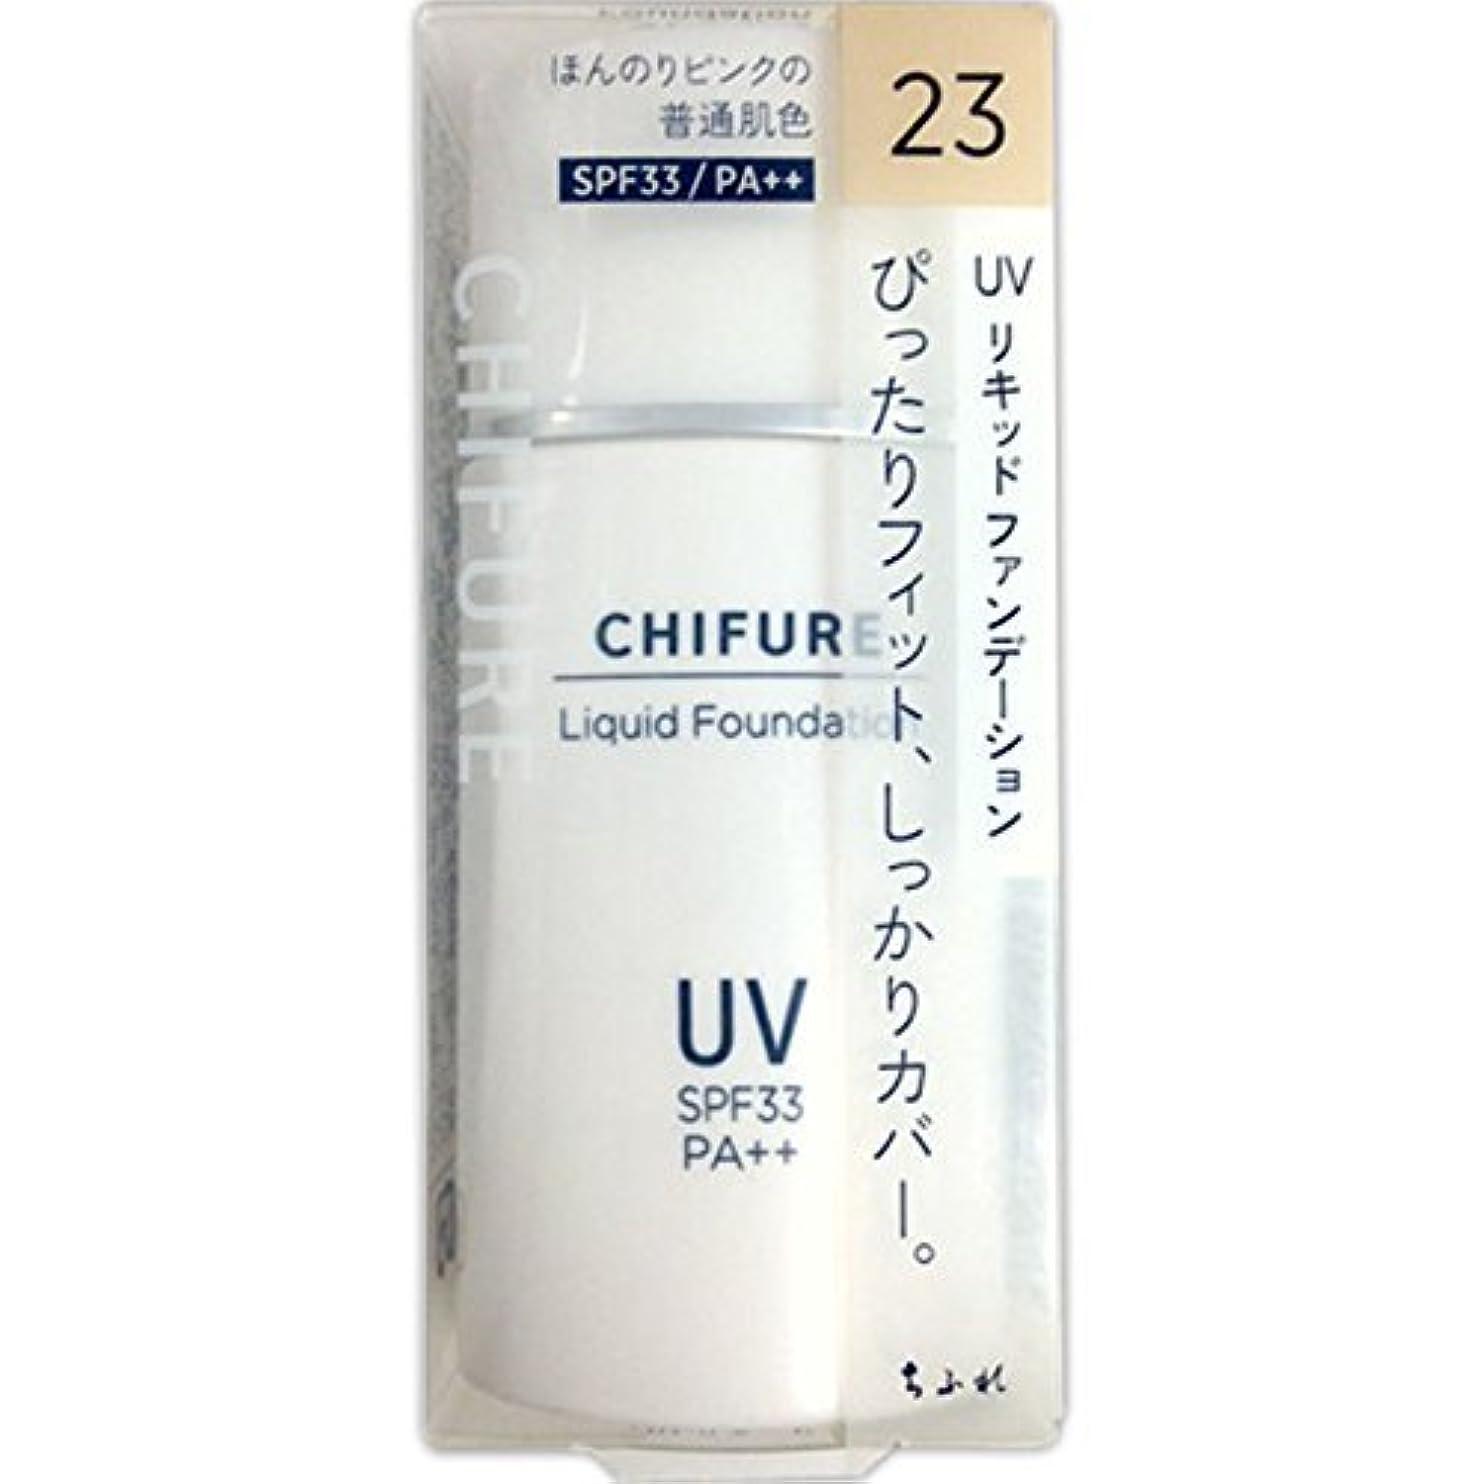 プロット変換壊滅的なちふれ化粧品 UV リキッド ファンデーション 23 ほんのりピンク普通肌色 30ML